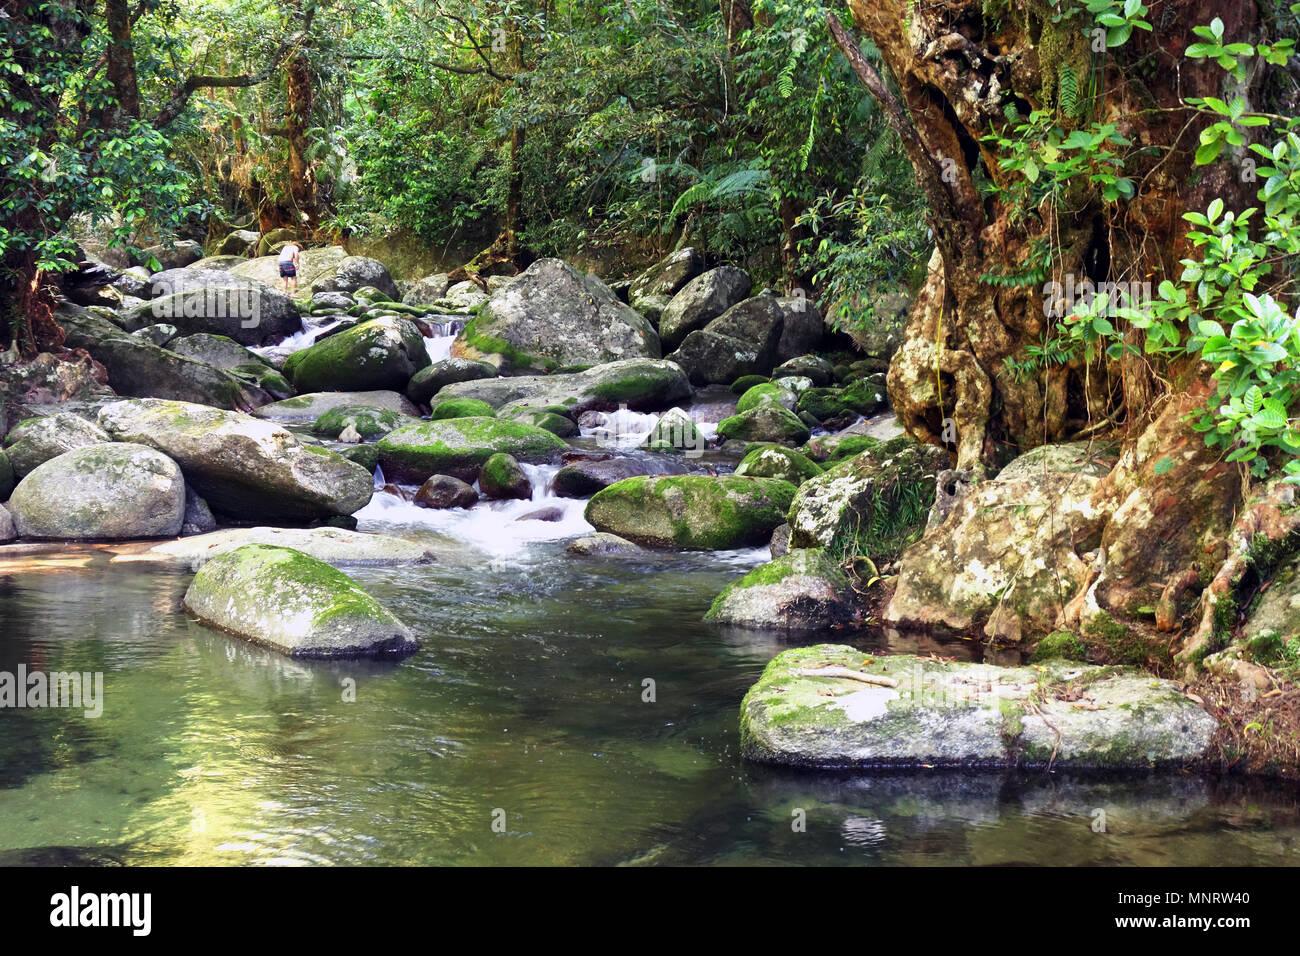 Frenchman's Creek, Mt Bellenden Ker, near Cairns, Queensland, Australia - Stock Image